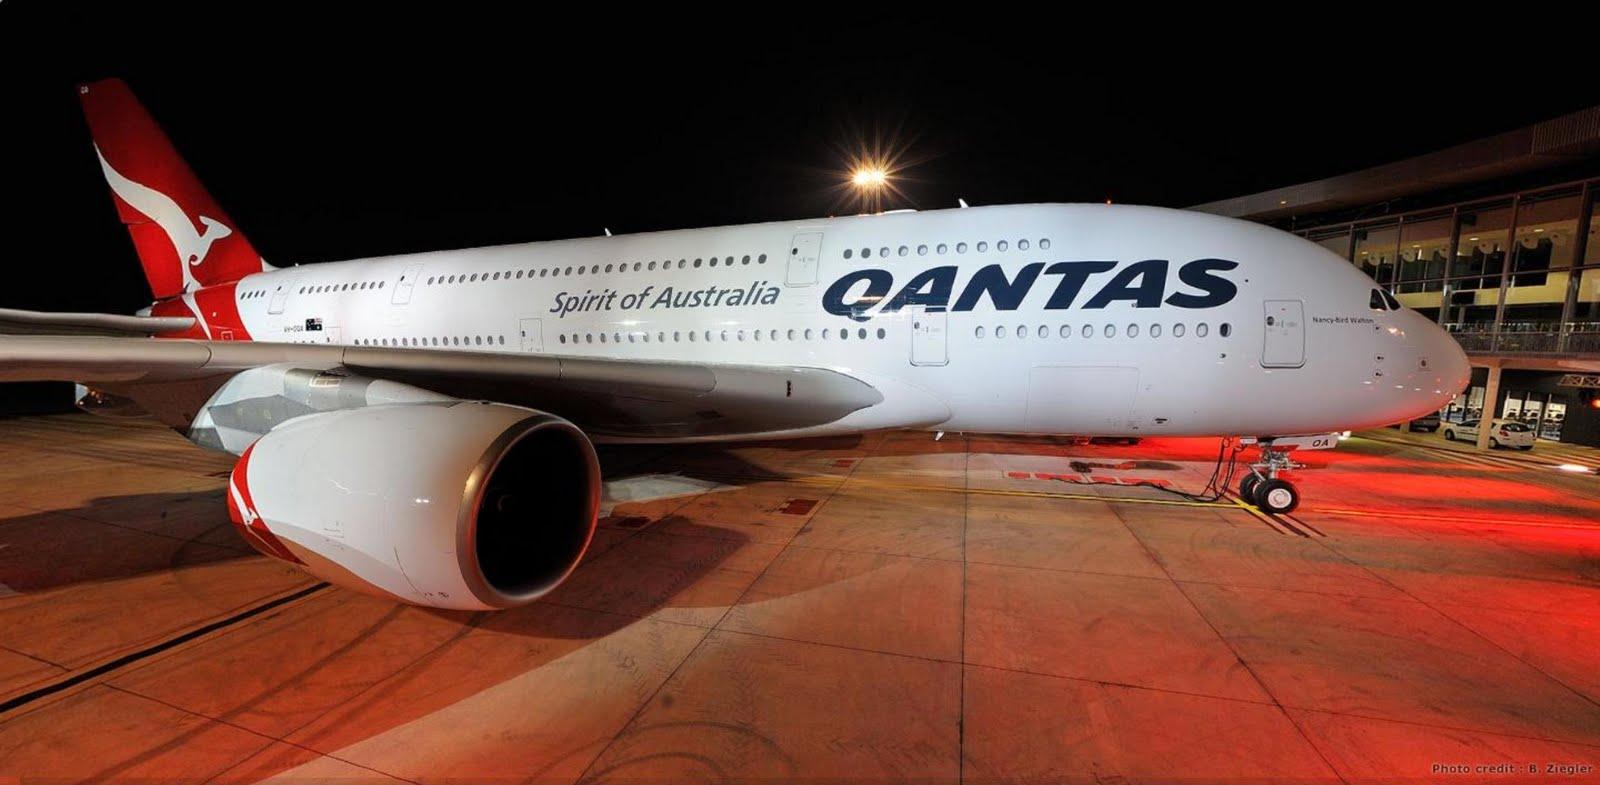 http://3.bp.blogspot.com/_ja676MG45Zg/S_cddCQ1YwI/AAAAAAAADZQ/KVANbkMsJBQ/s1600/qantas-airbus-a380-super-jumbo-jet.jpg